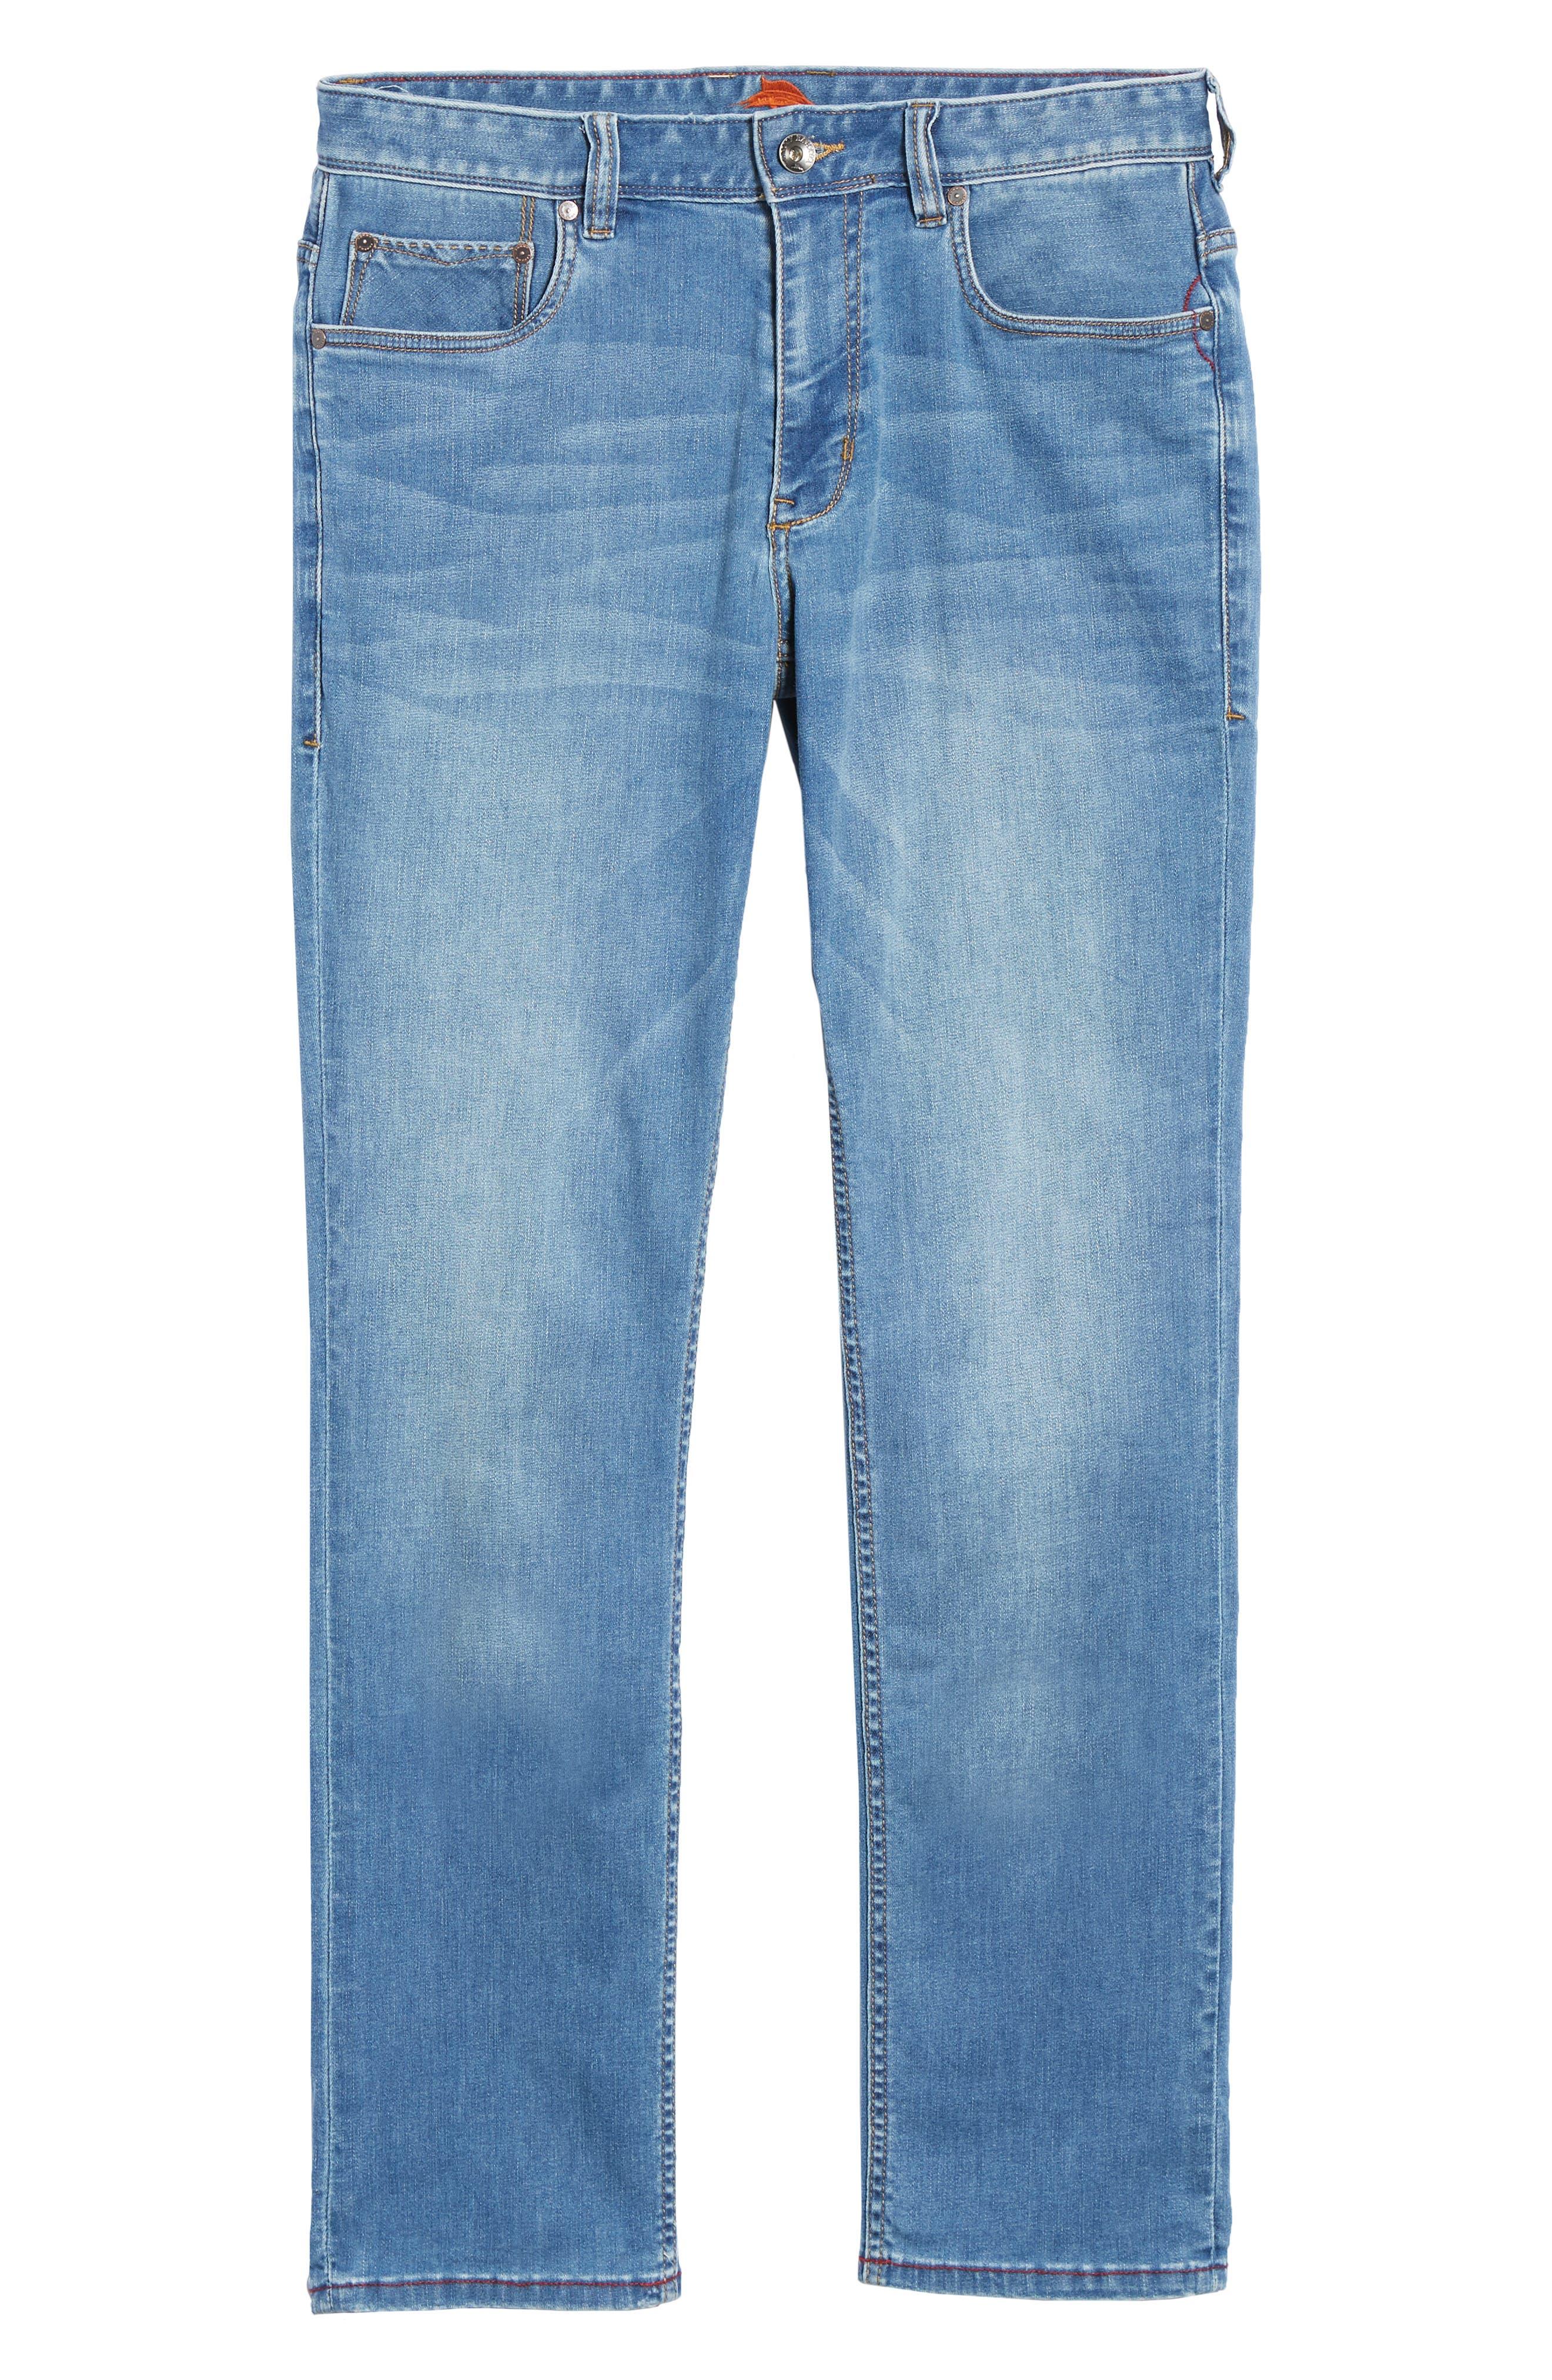 Costa Rica Vintage Regular Fit Jeans,                             Alternate thumbnail 6, color,                             MED WASH